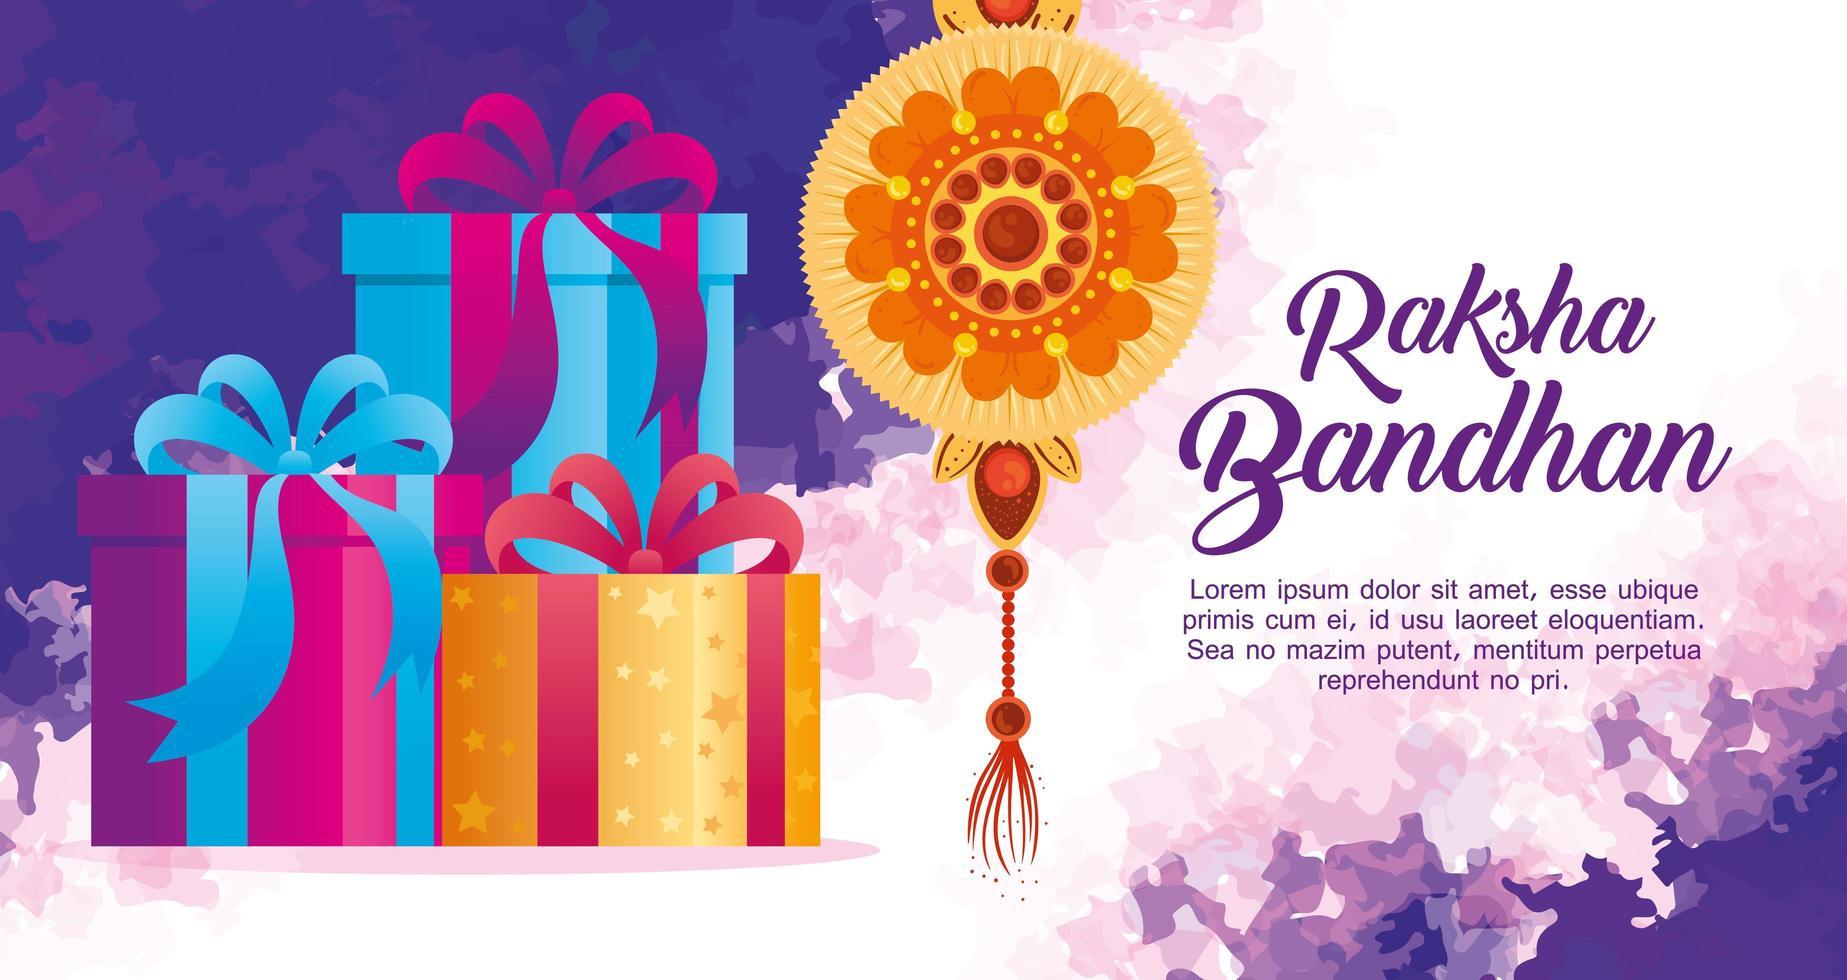 wenskaart met decoratieve rakhi voor raksha bandhan en geschenkdozen, indisch festival voor broer en zus bonding feest, de bindende relatie vector